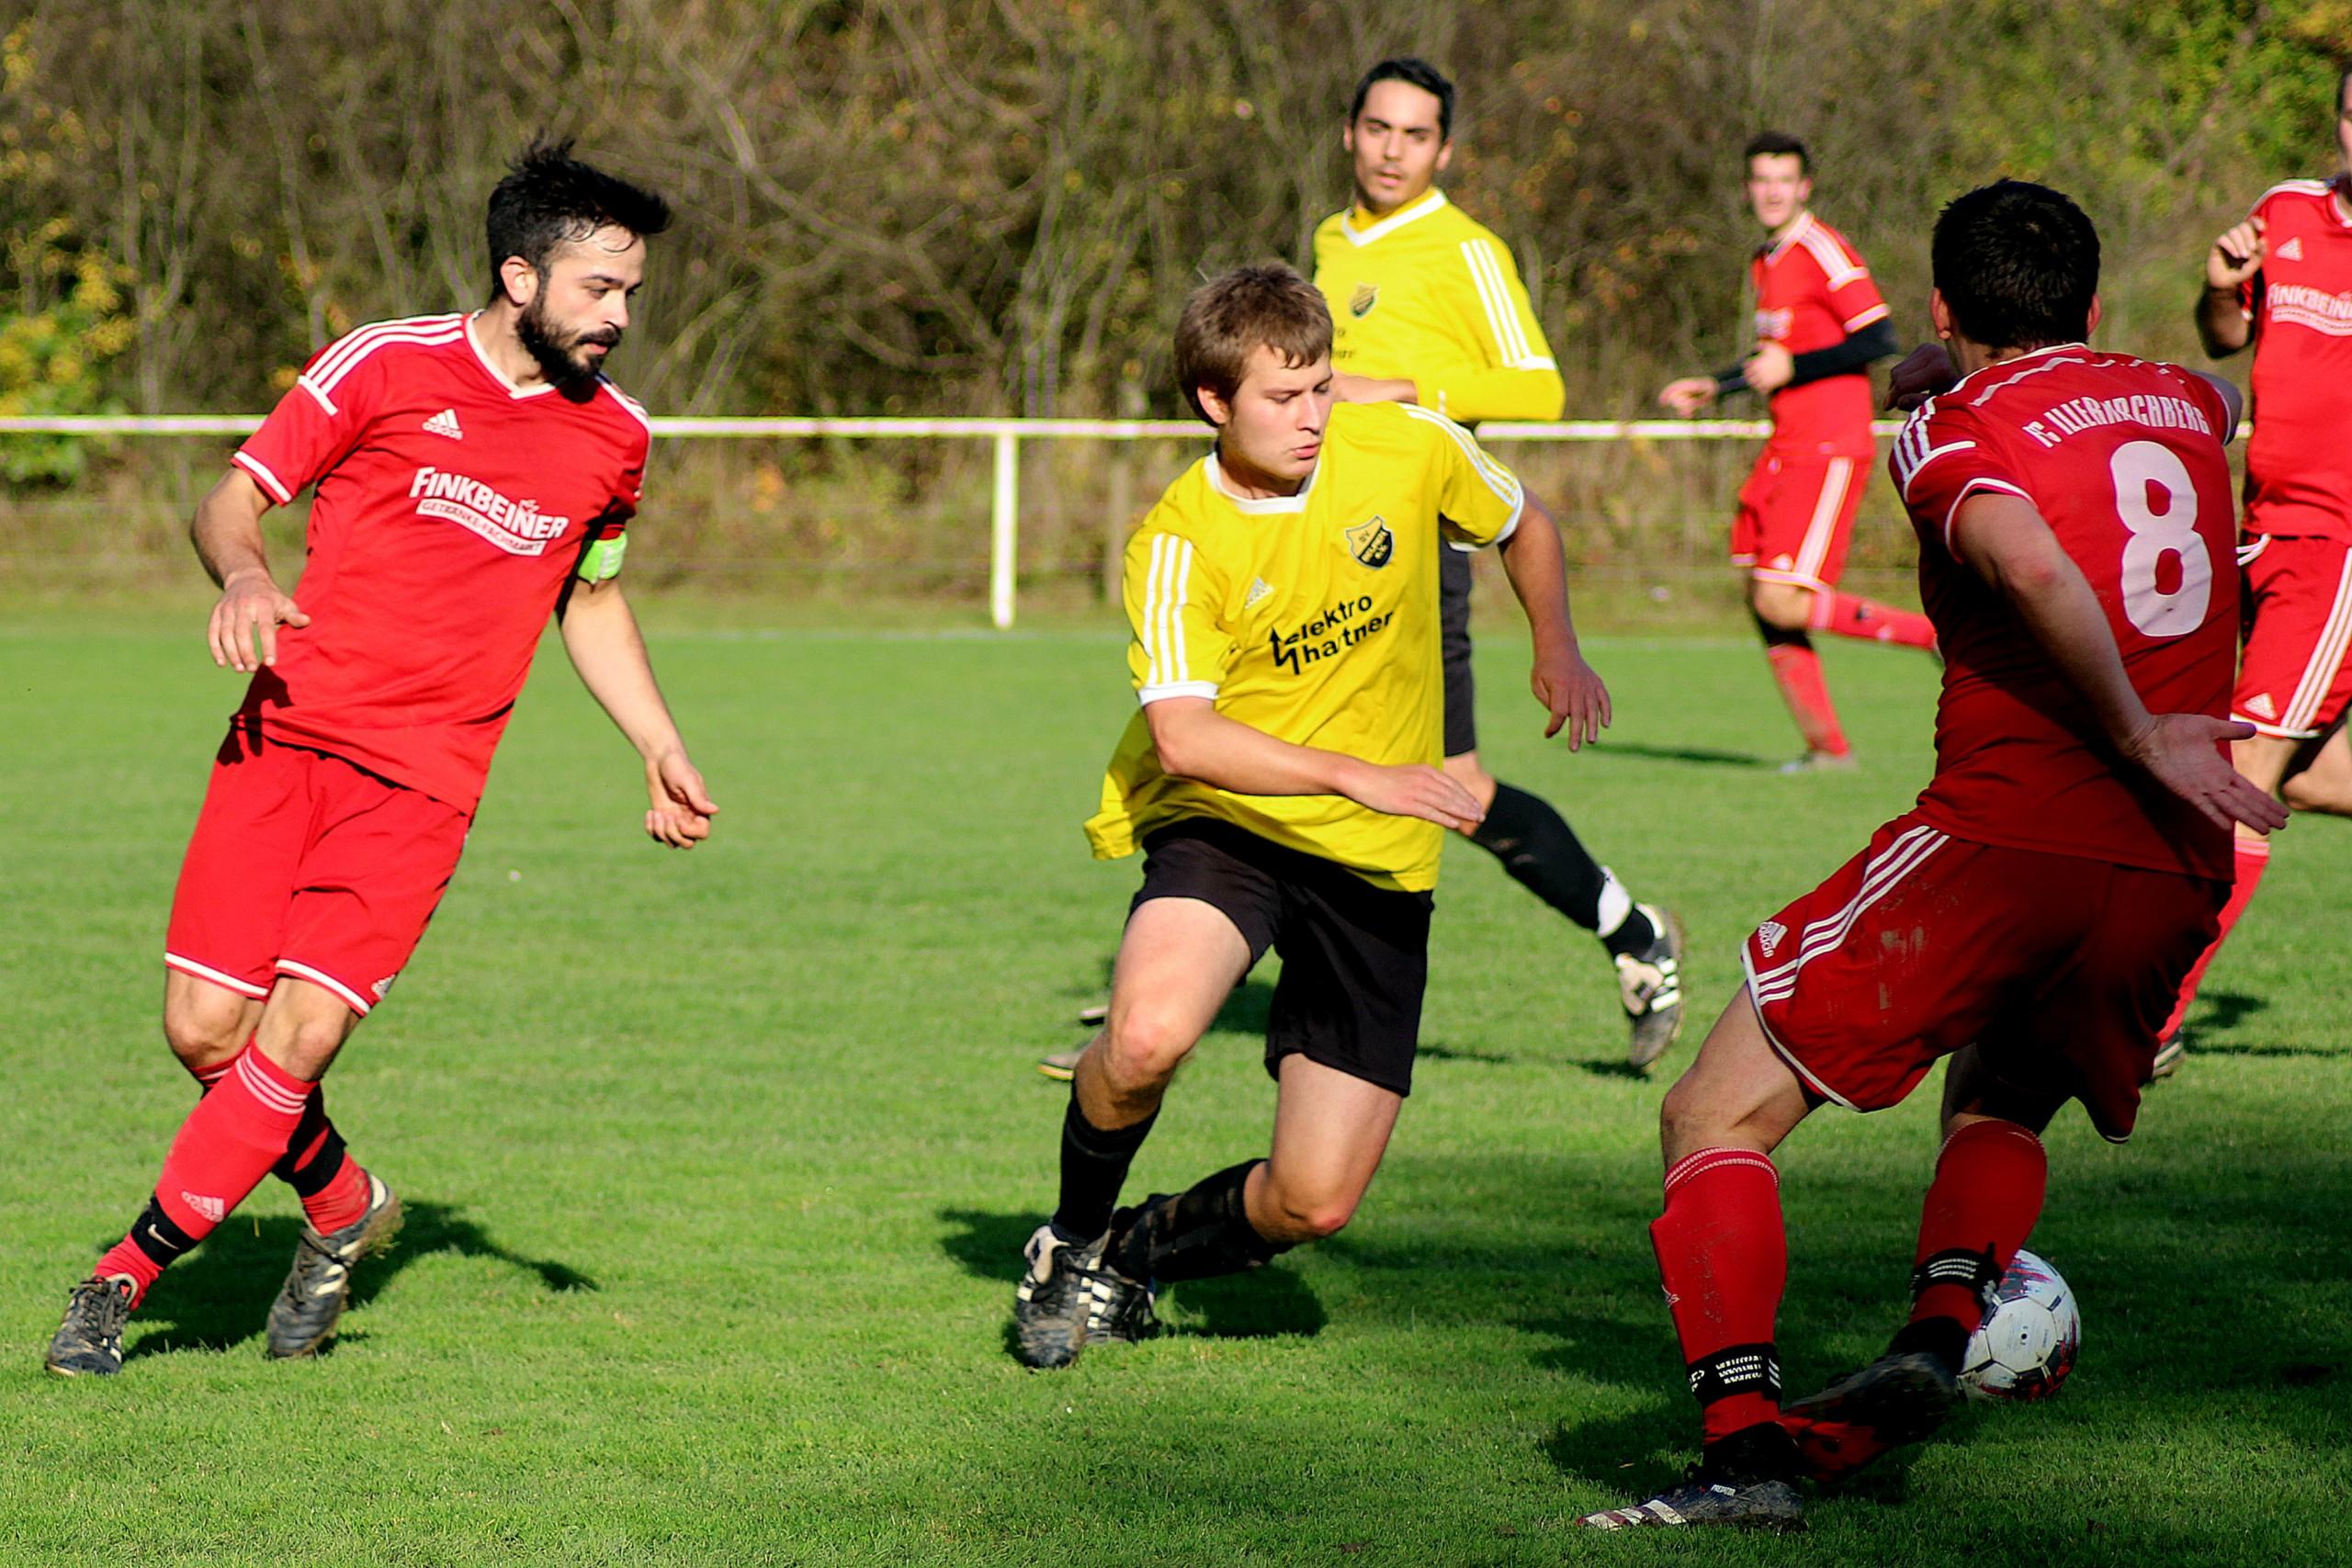 25.10.2020: FC Illerkirchberg II - SV Beuren II 1:4 (0:3)